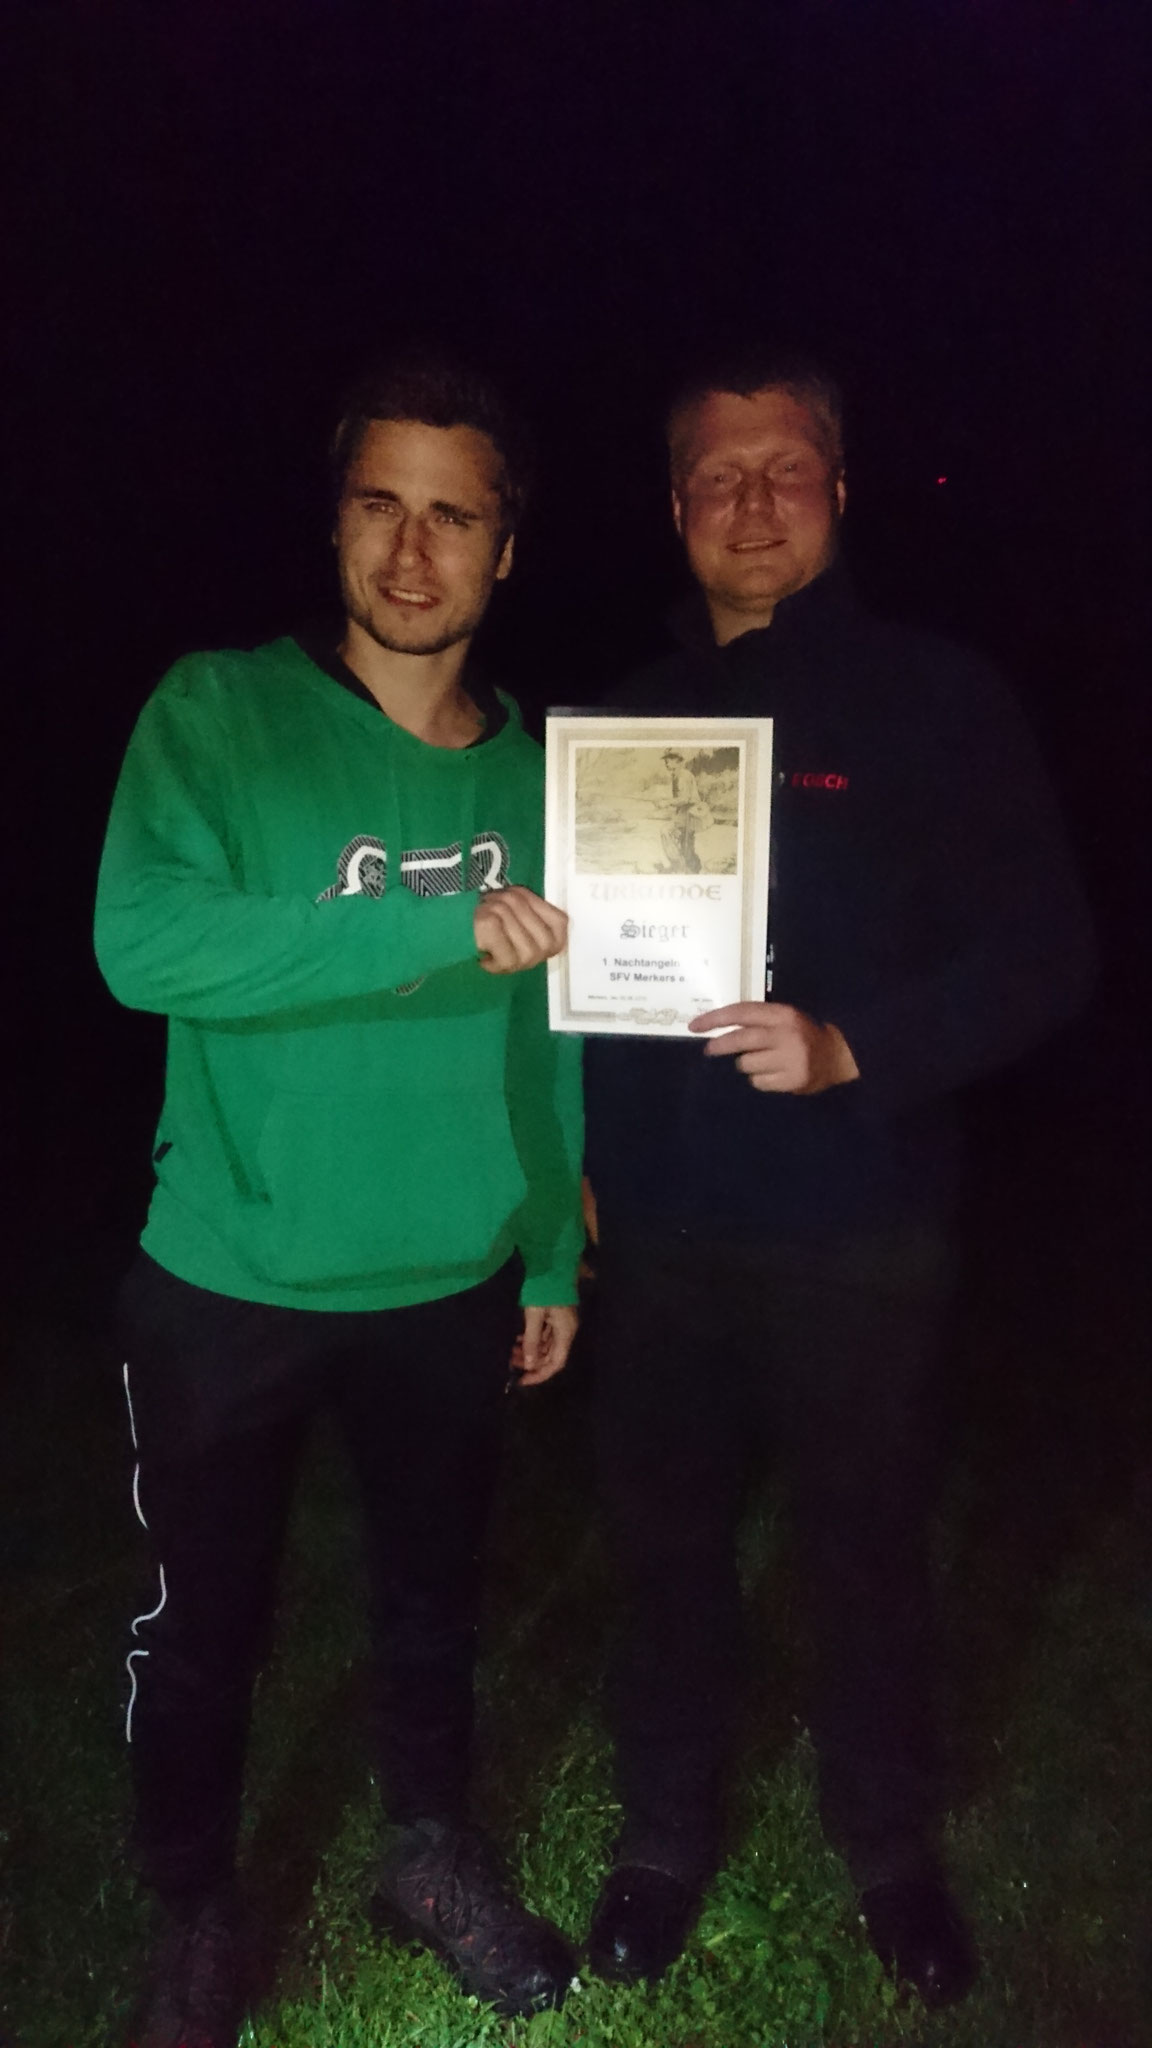 Lucas Narbei war der erfolgreichste Angler des Abends und wurde mit einer Urkunde ausgezeichnet.